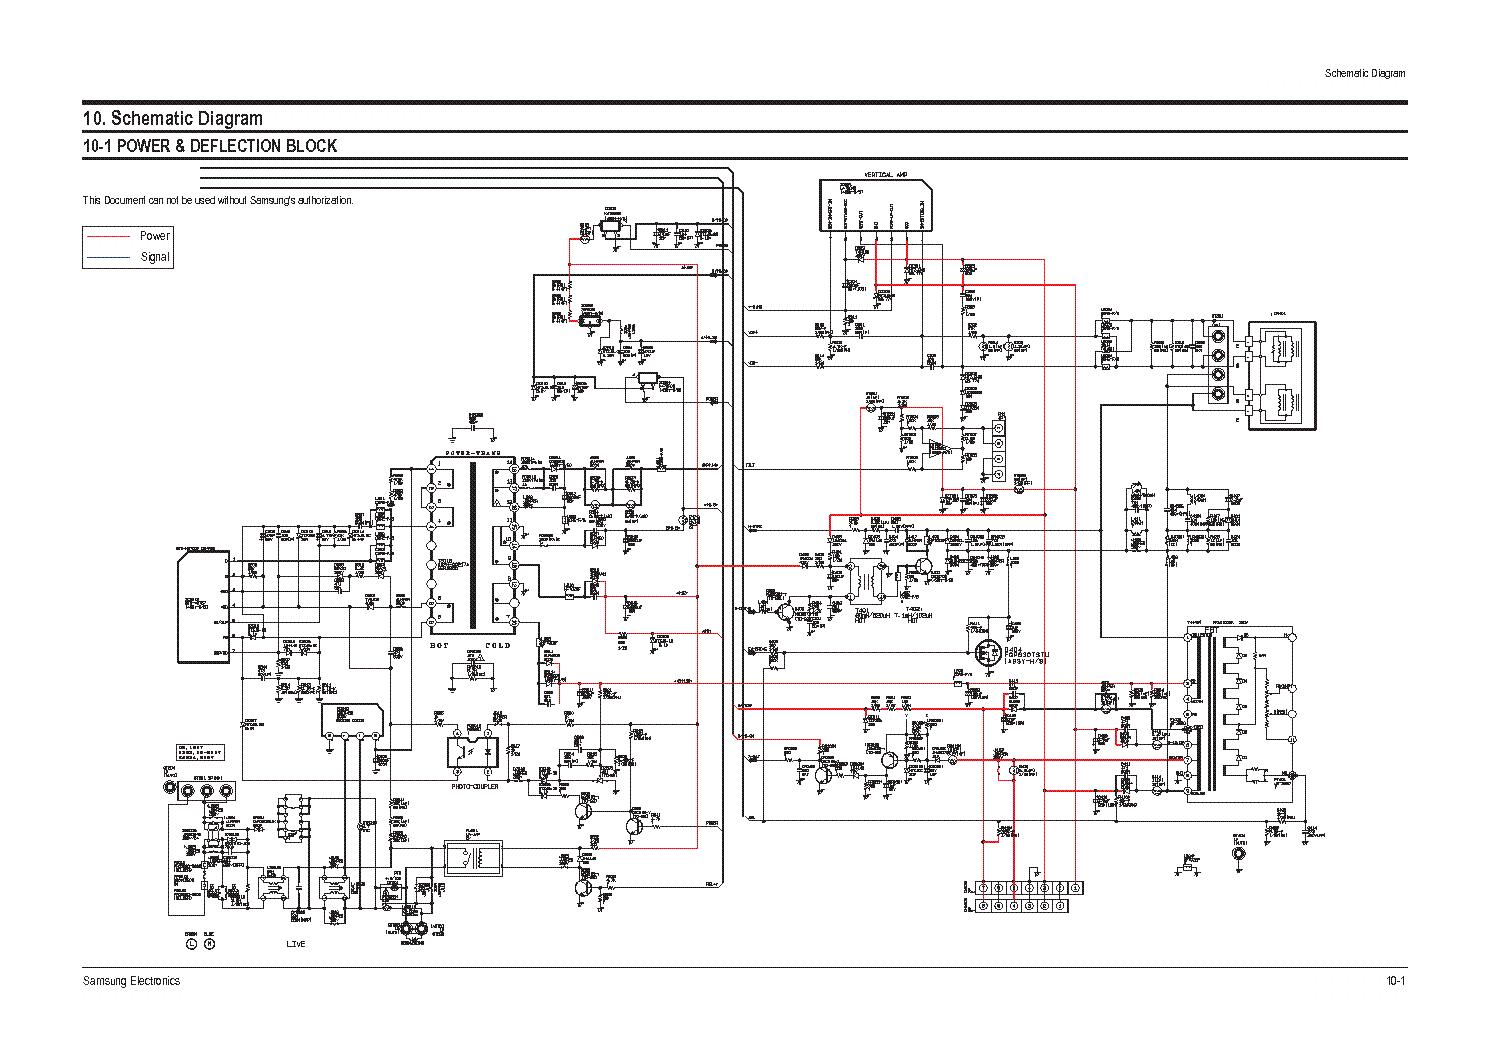 samsung_chis-s16a_schematic.pdf_1 Samsung Schematic Diagram on